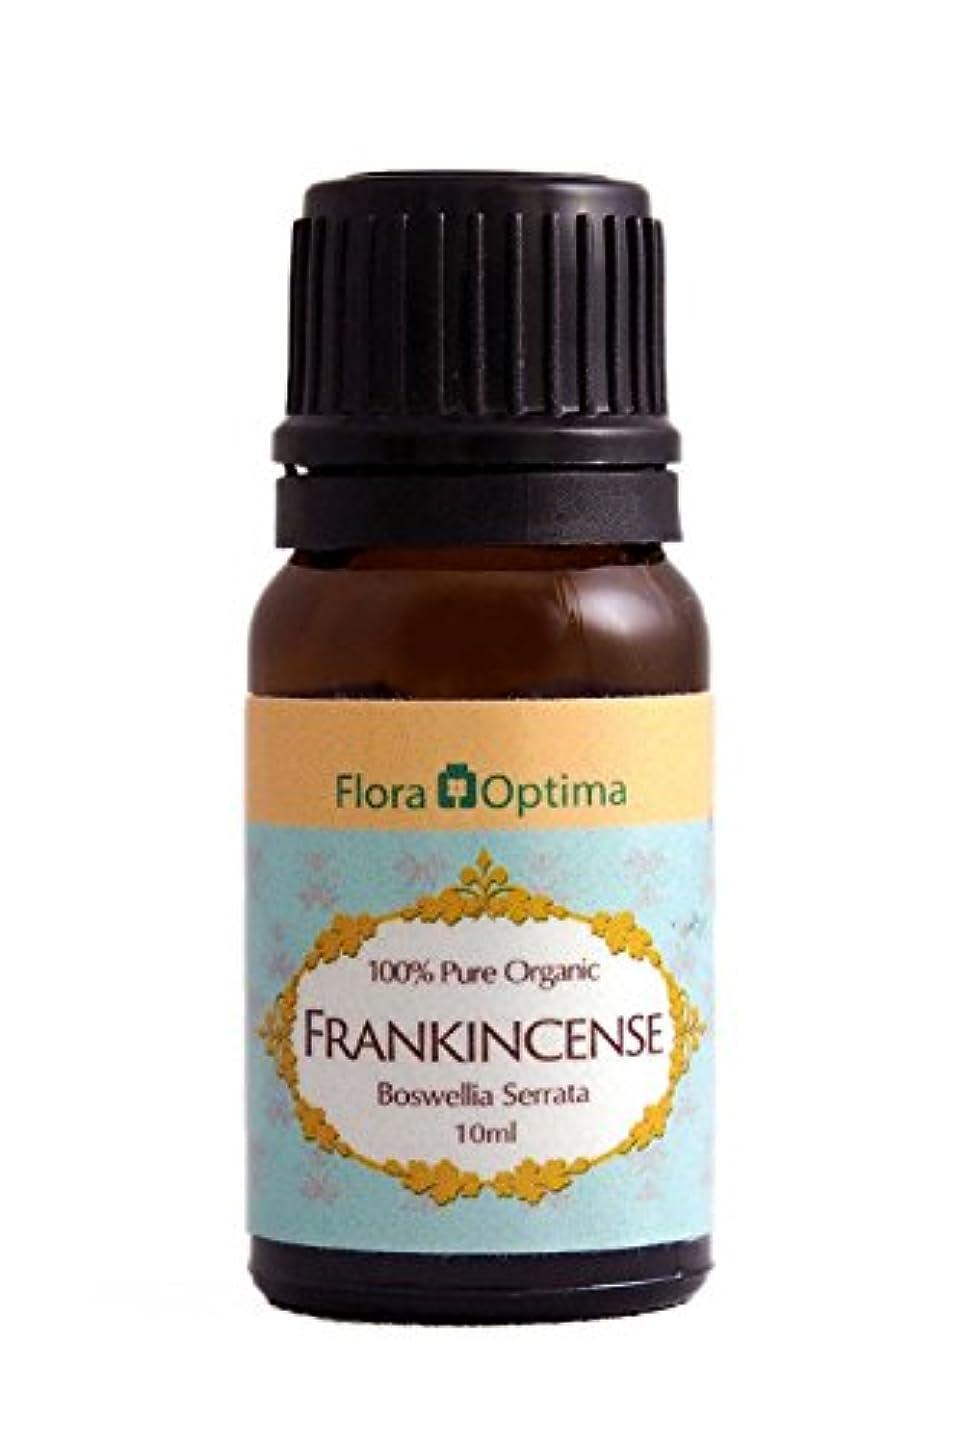 幻想的ランドマーク心臓オーガニック?フランキンセンスオイル(Frankincense Oil) - 10ml -